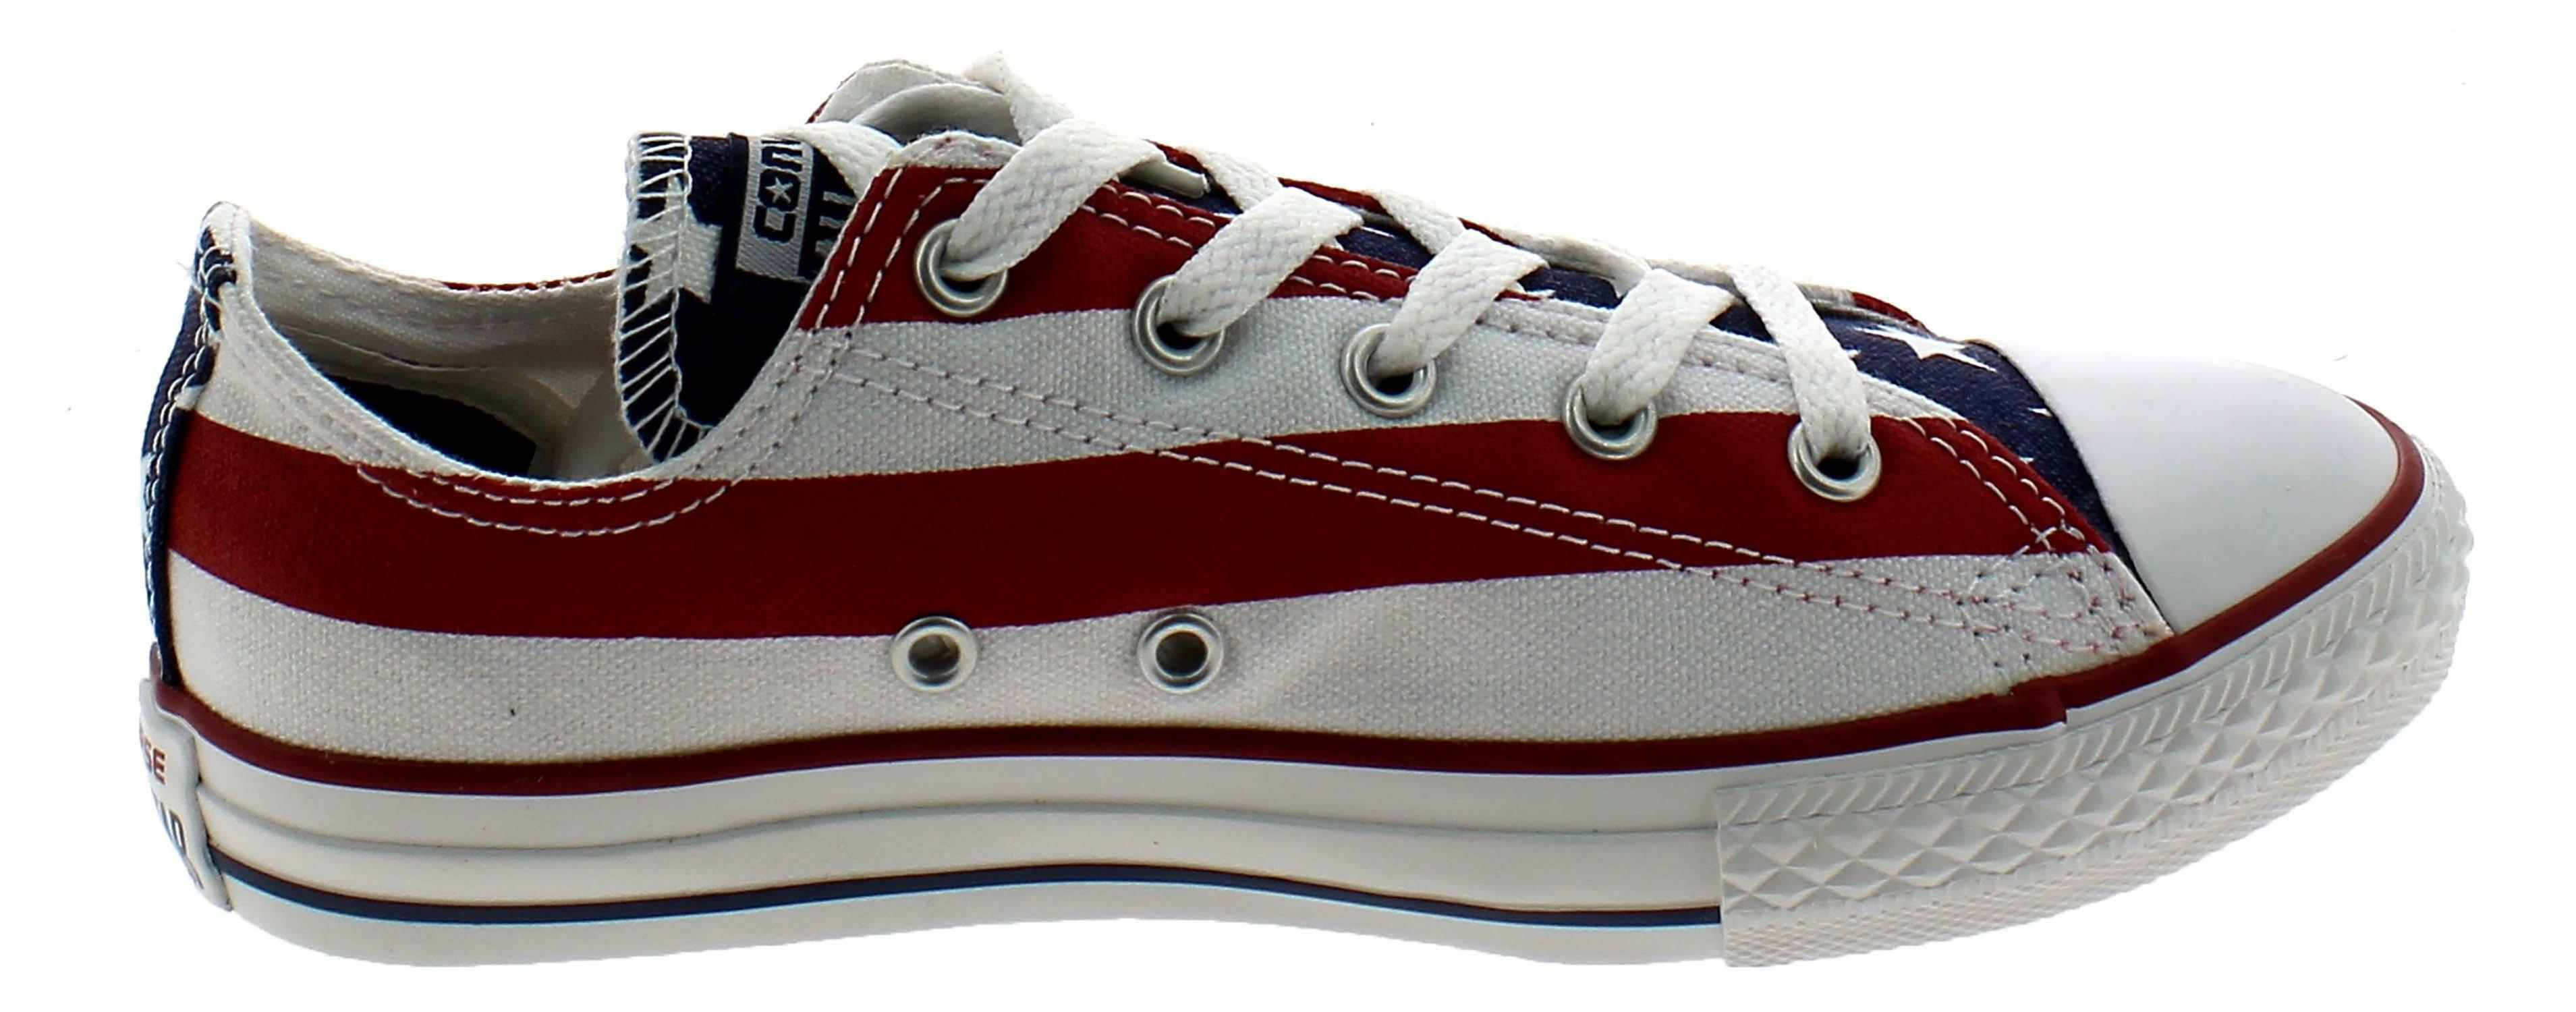 converse converse all star ct scarpe uomo donna bandiera america tela m3494